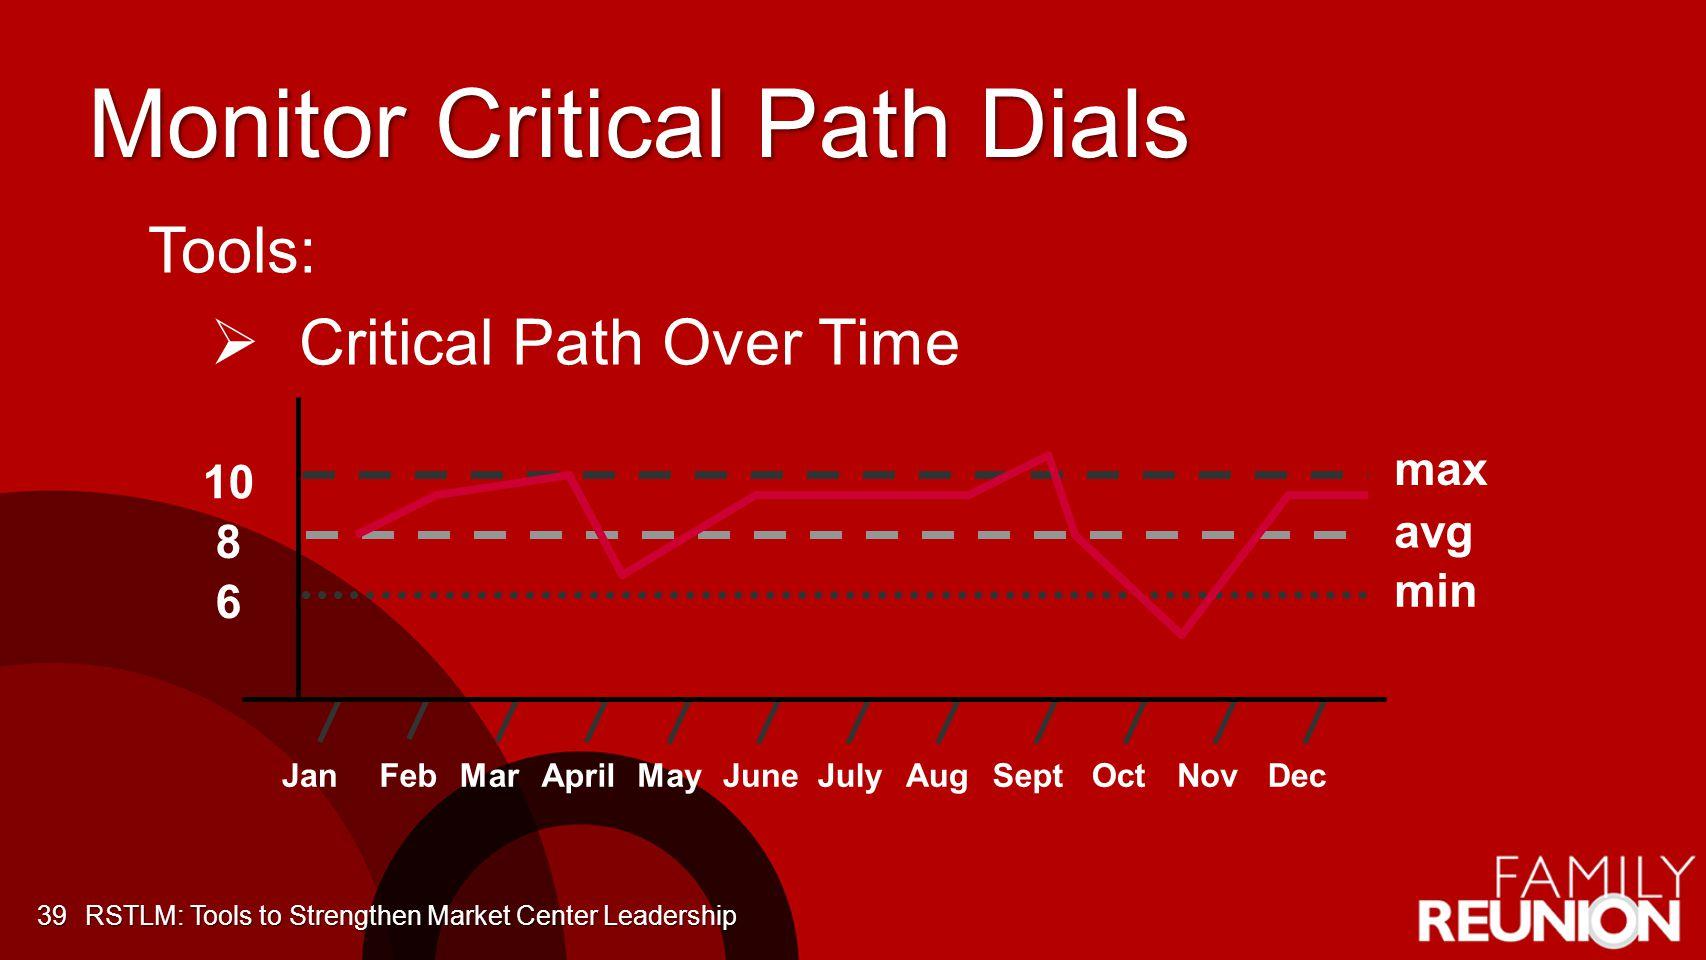 Monitor Critical Path Dials